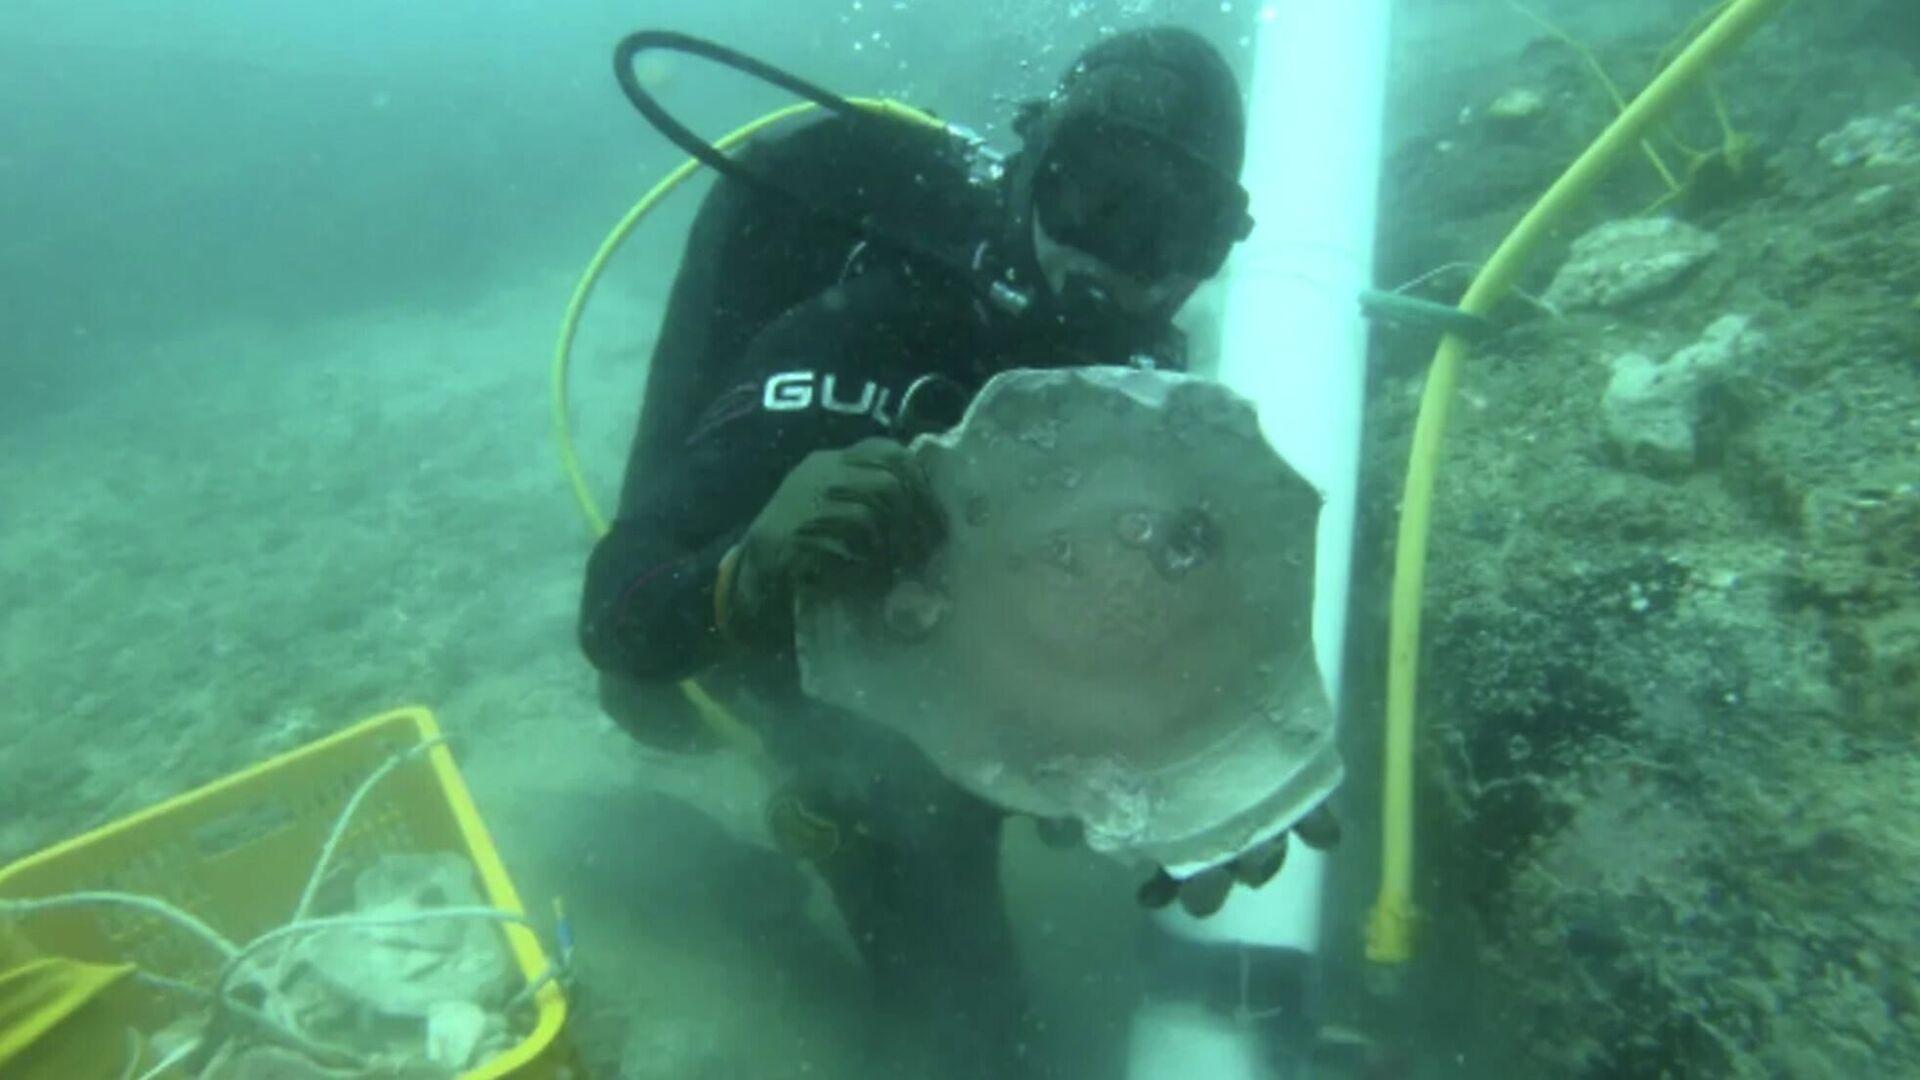 Potápěč zkoumá vrak lodě  u pobřeží Singapuru - Sputnik Česká republika, 1920, 20.06.2021